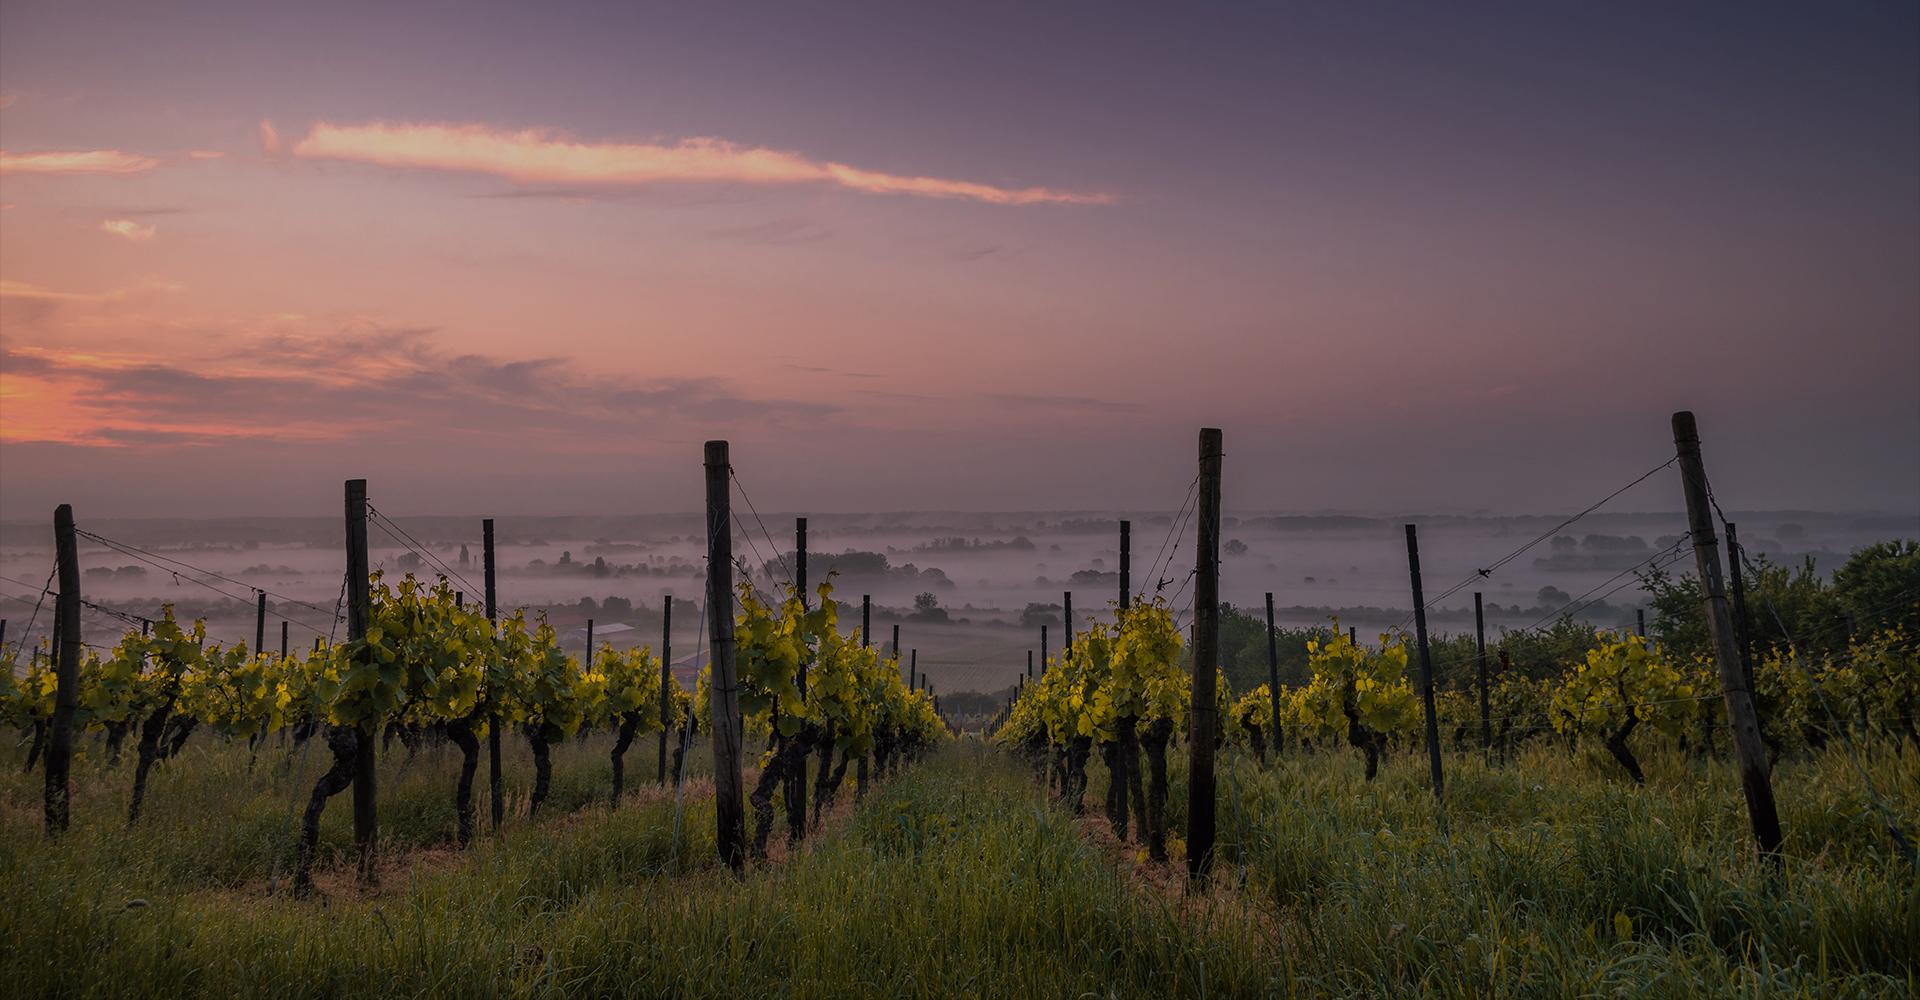 ワイン畑の画像